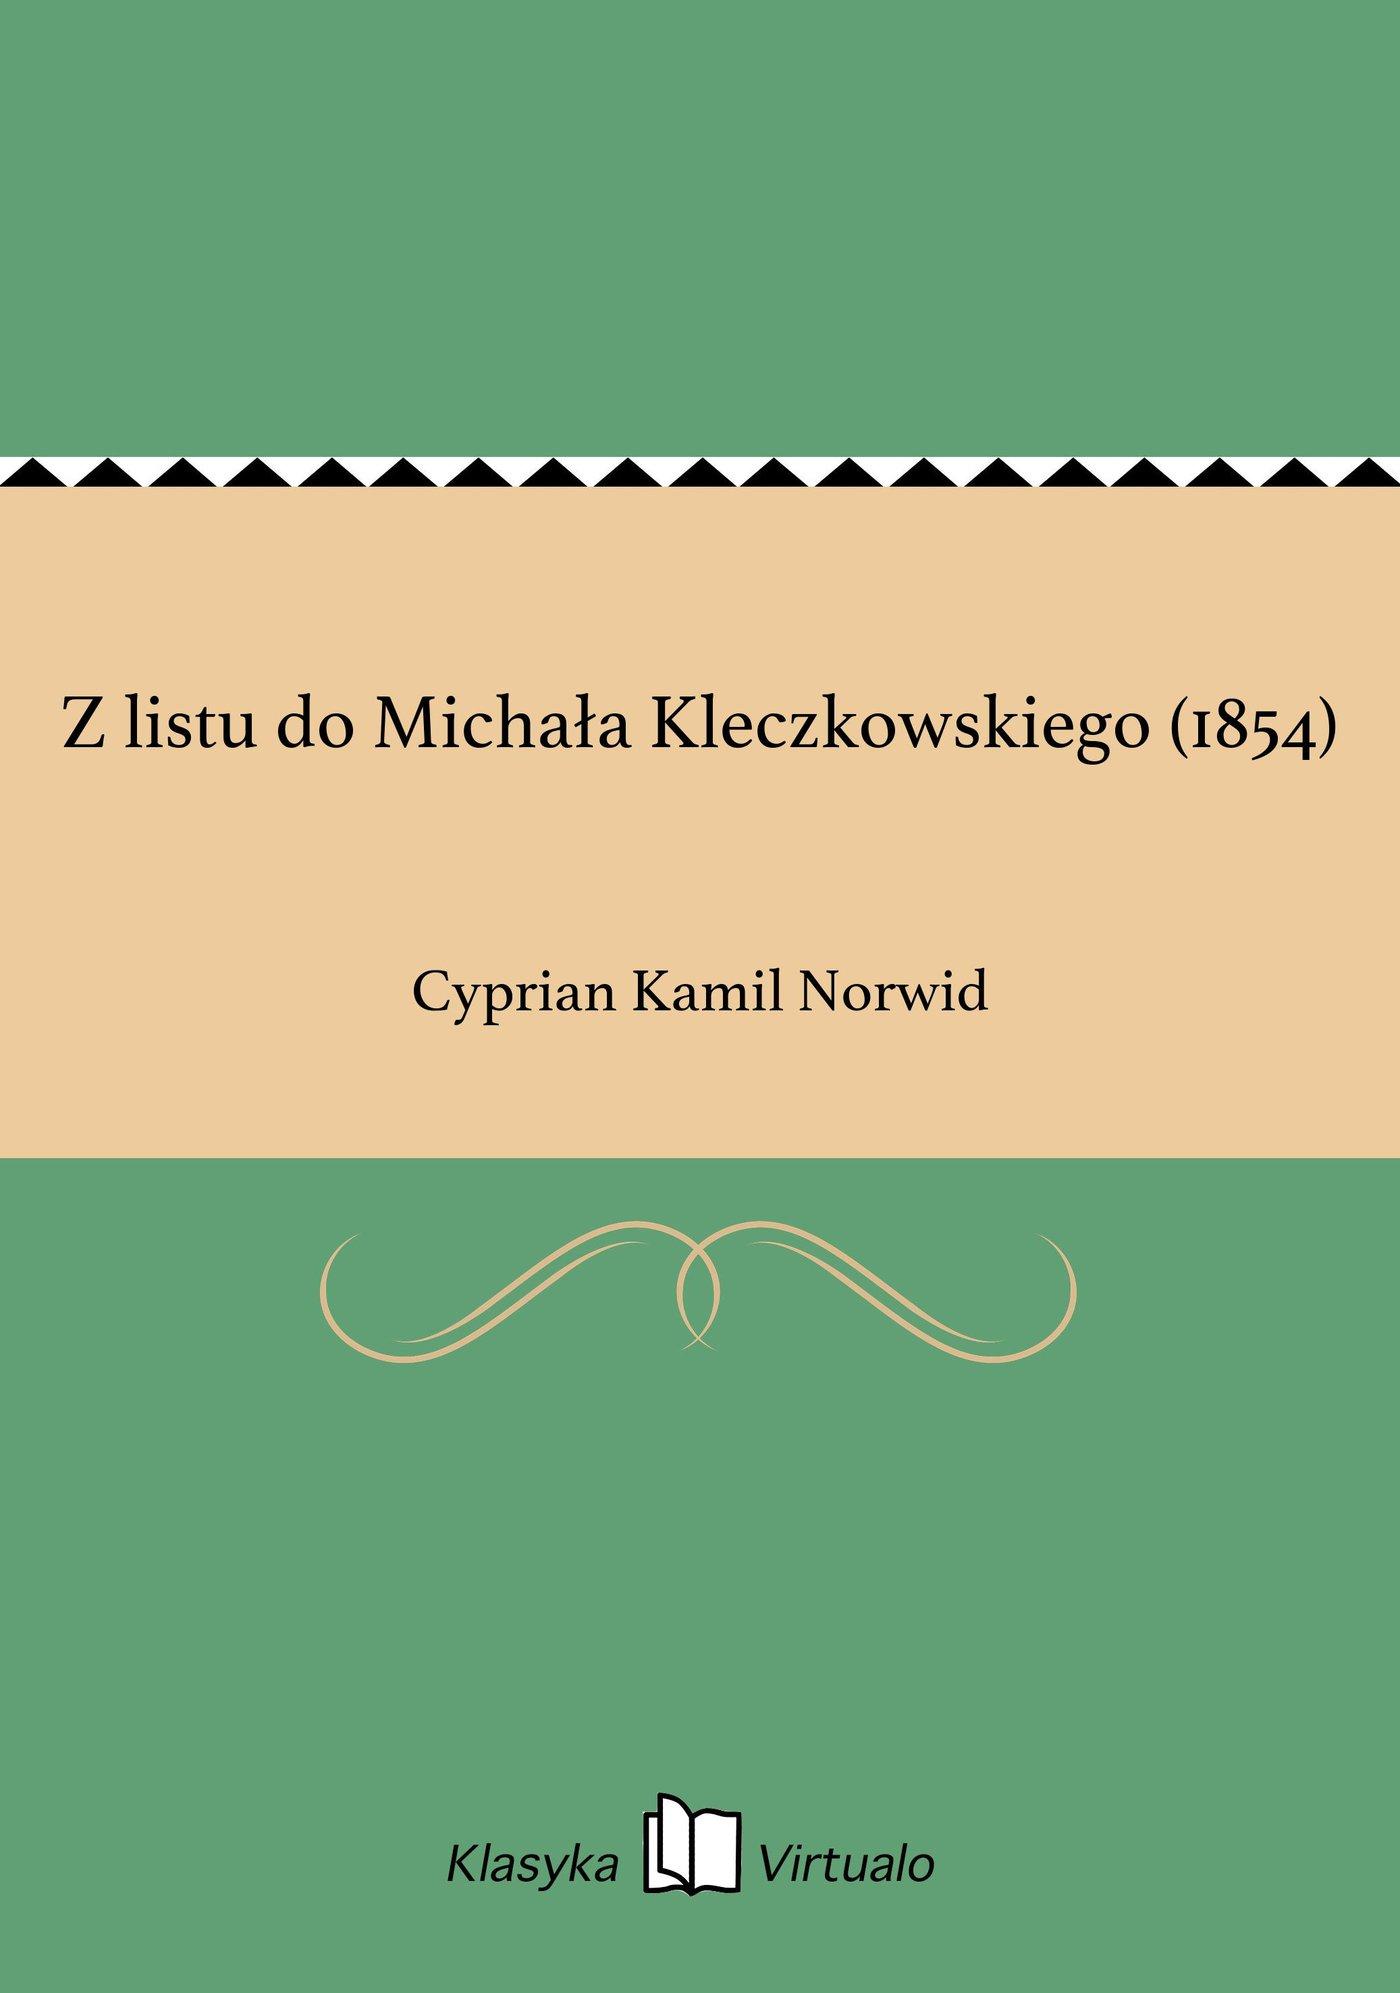 Z listu do Michała Kleczkowskiego (1854) - Ebook (Książka EPUB) do pobrania w formacie EPUB